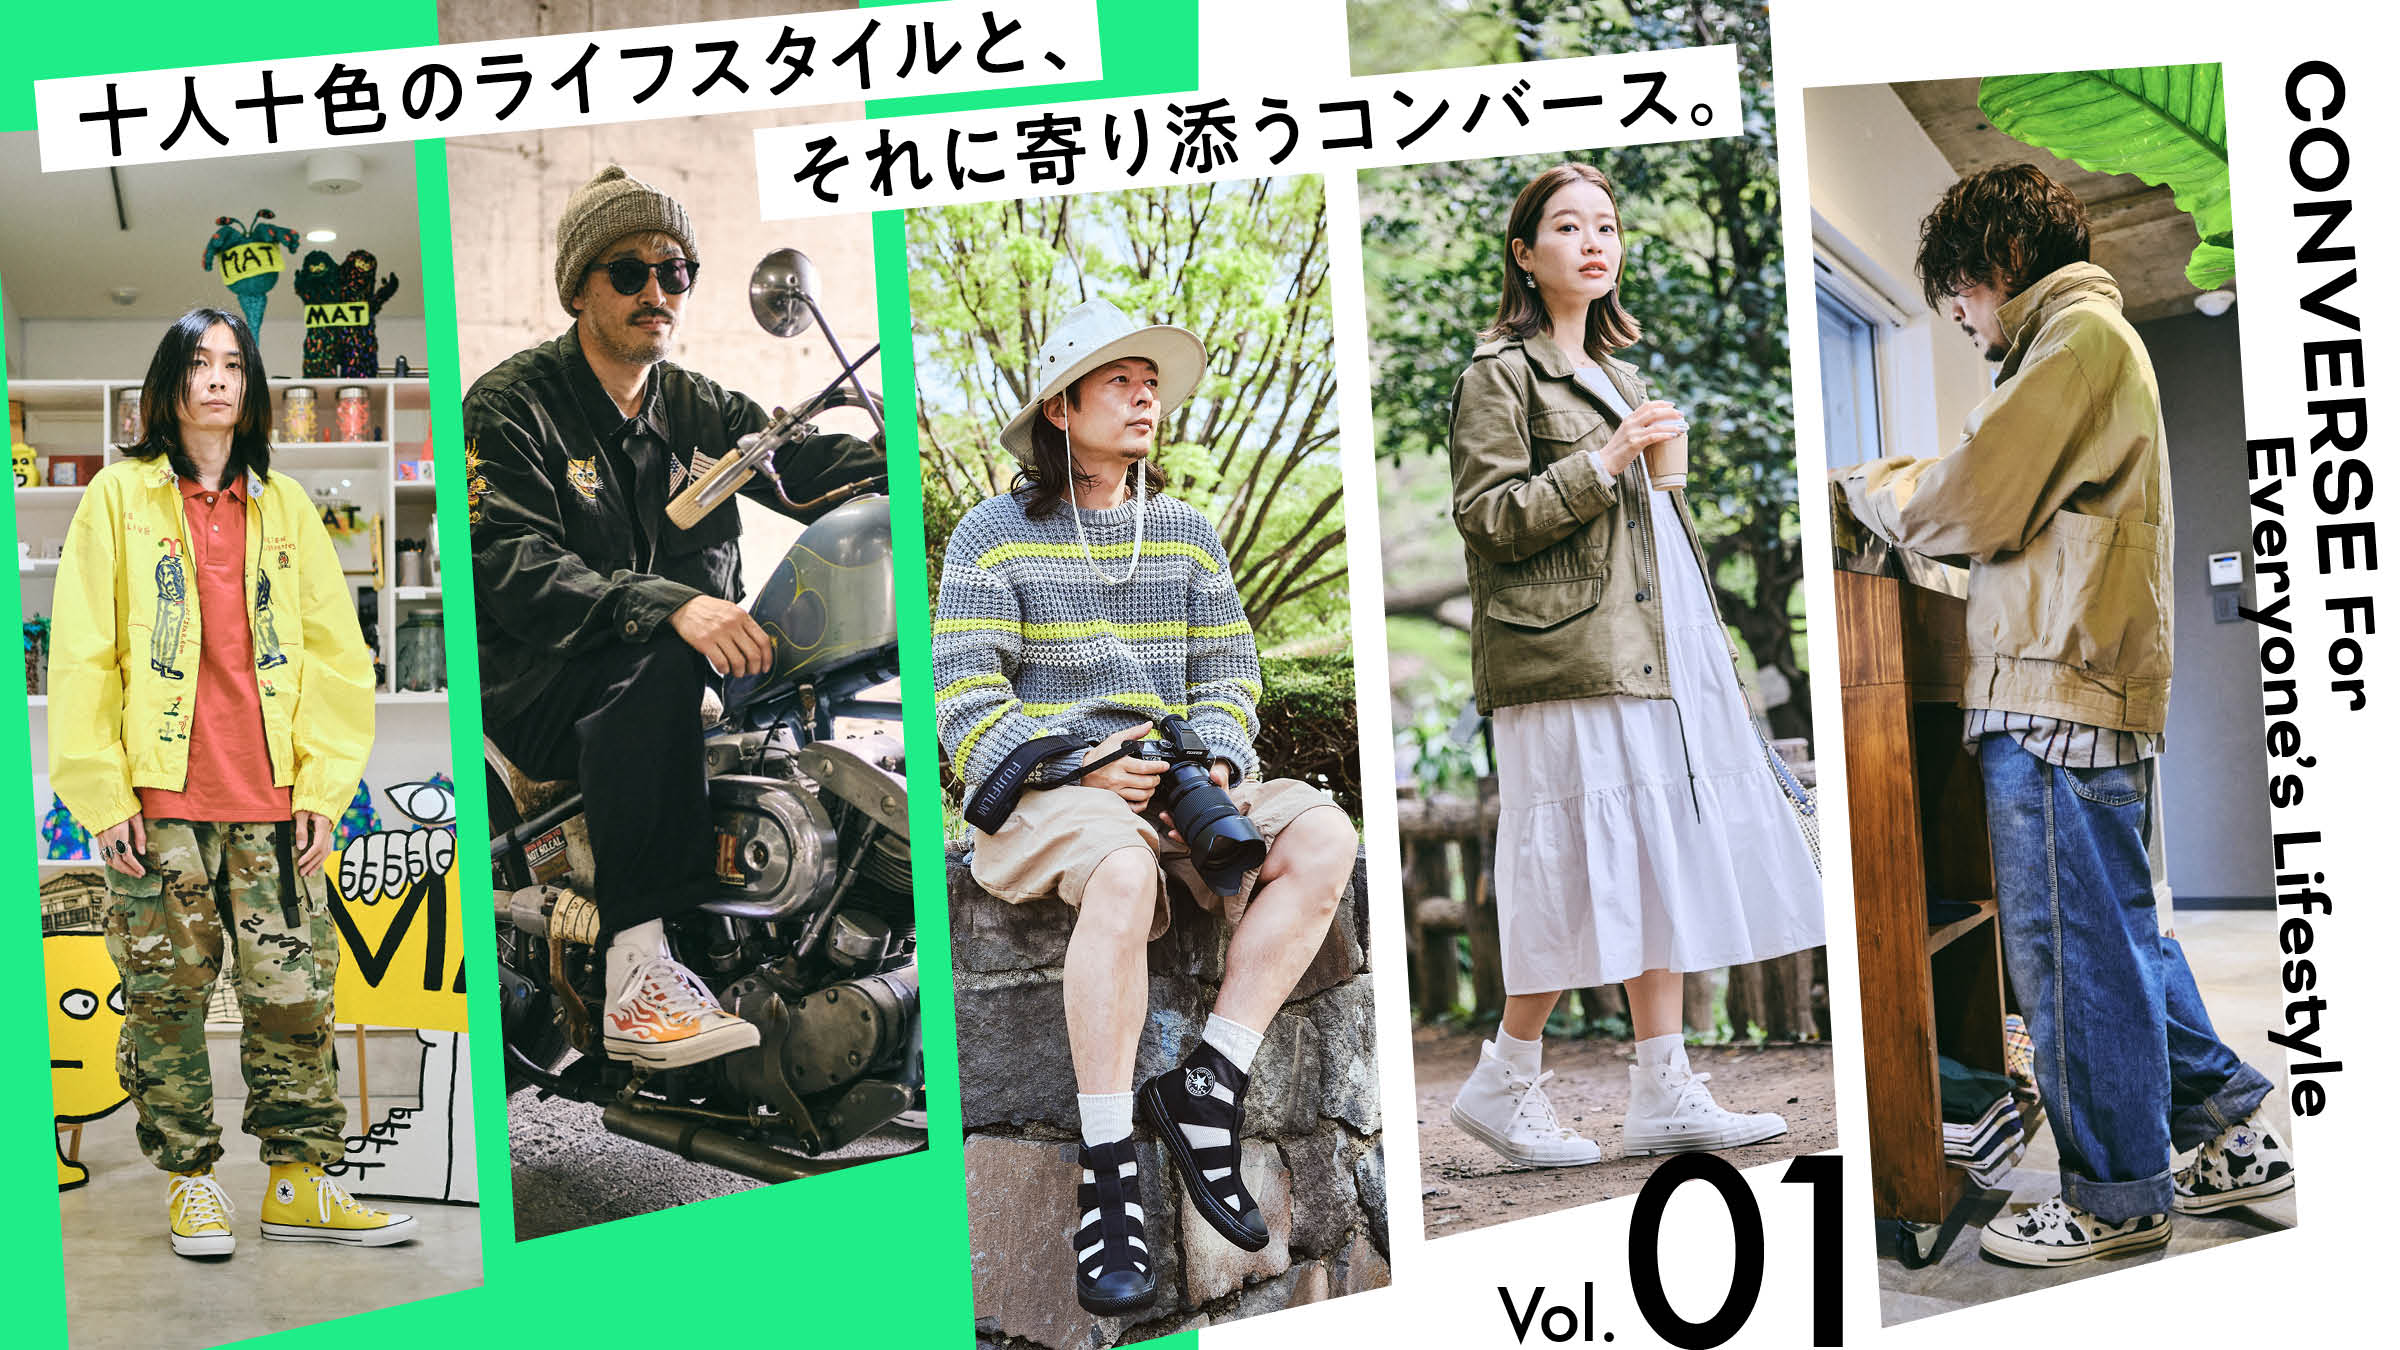 十人十色のライフスタイルと、それに寄り添うコンバース。Vol.01